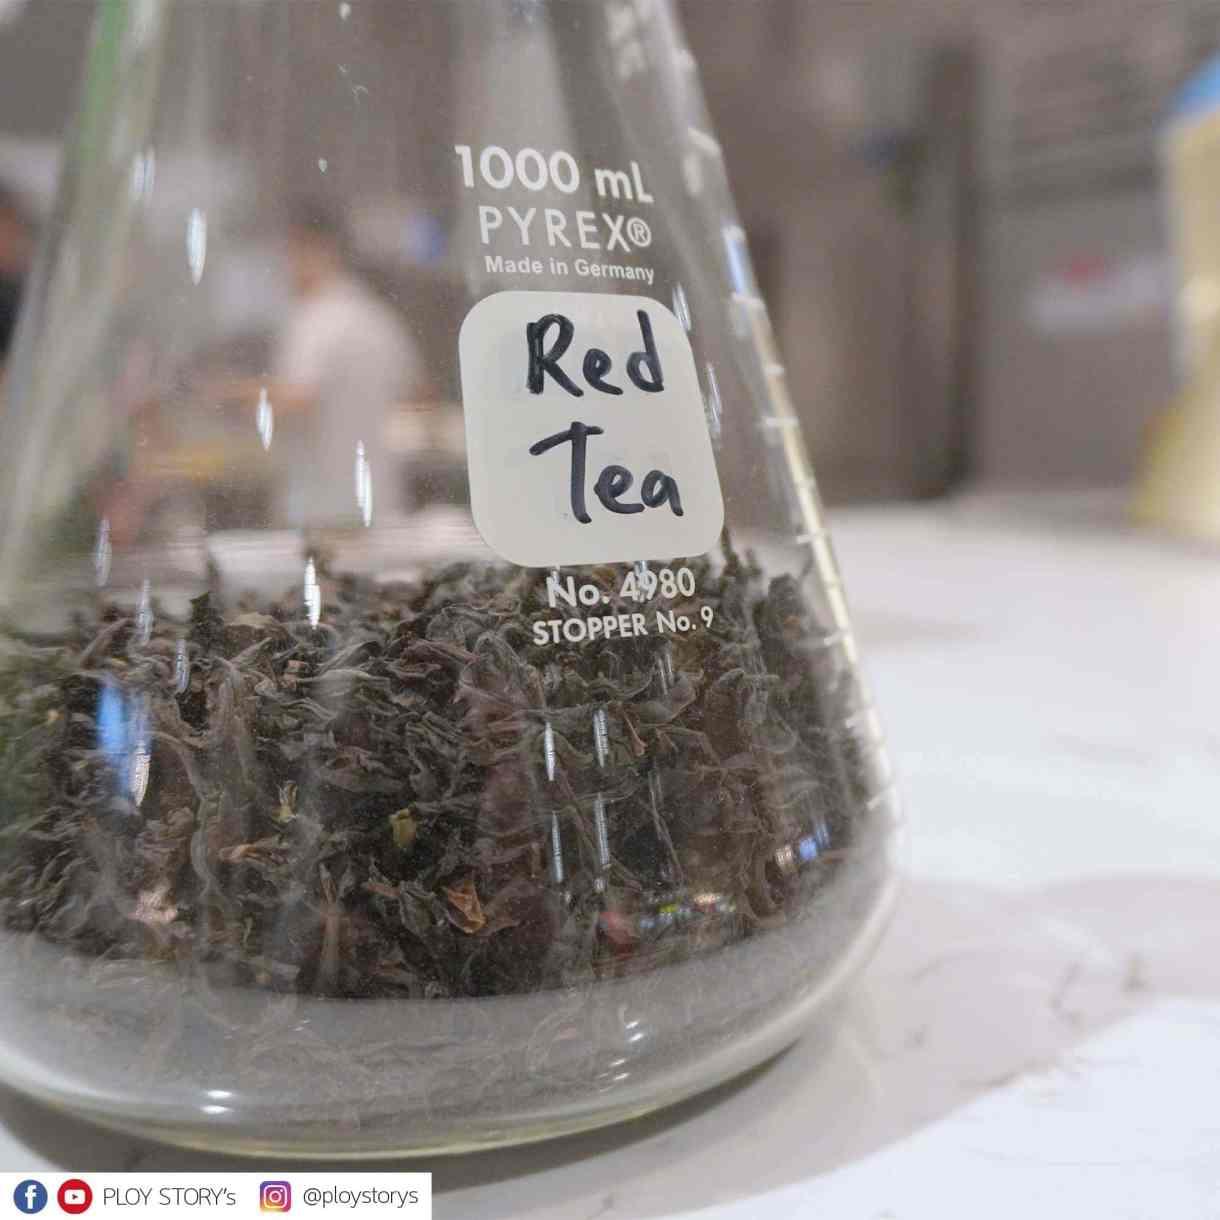 - 06 - รีวิวร้านชา TEASO สวรรค์ของคนรักชา ต้นตำรับจากฮ่องกง คนลดน้ำหนักกินได้แบบไม่รู้สึกผิด